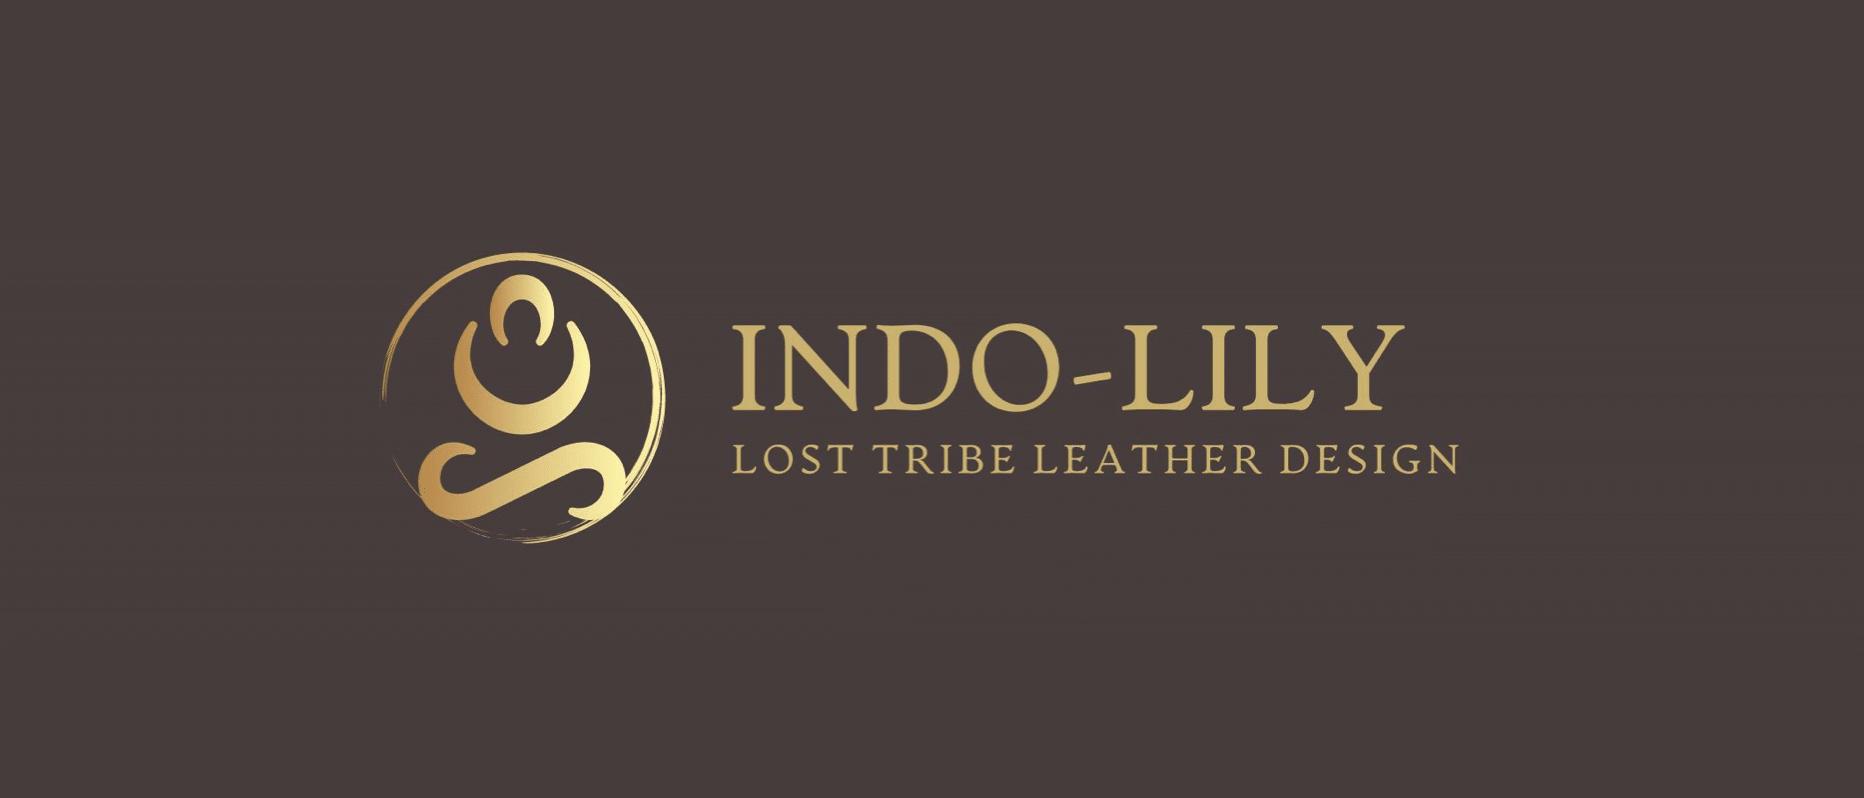 'Indo-Lily' logo